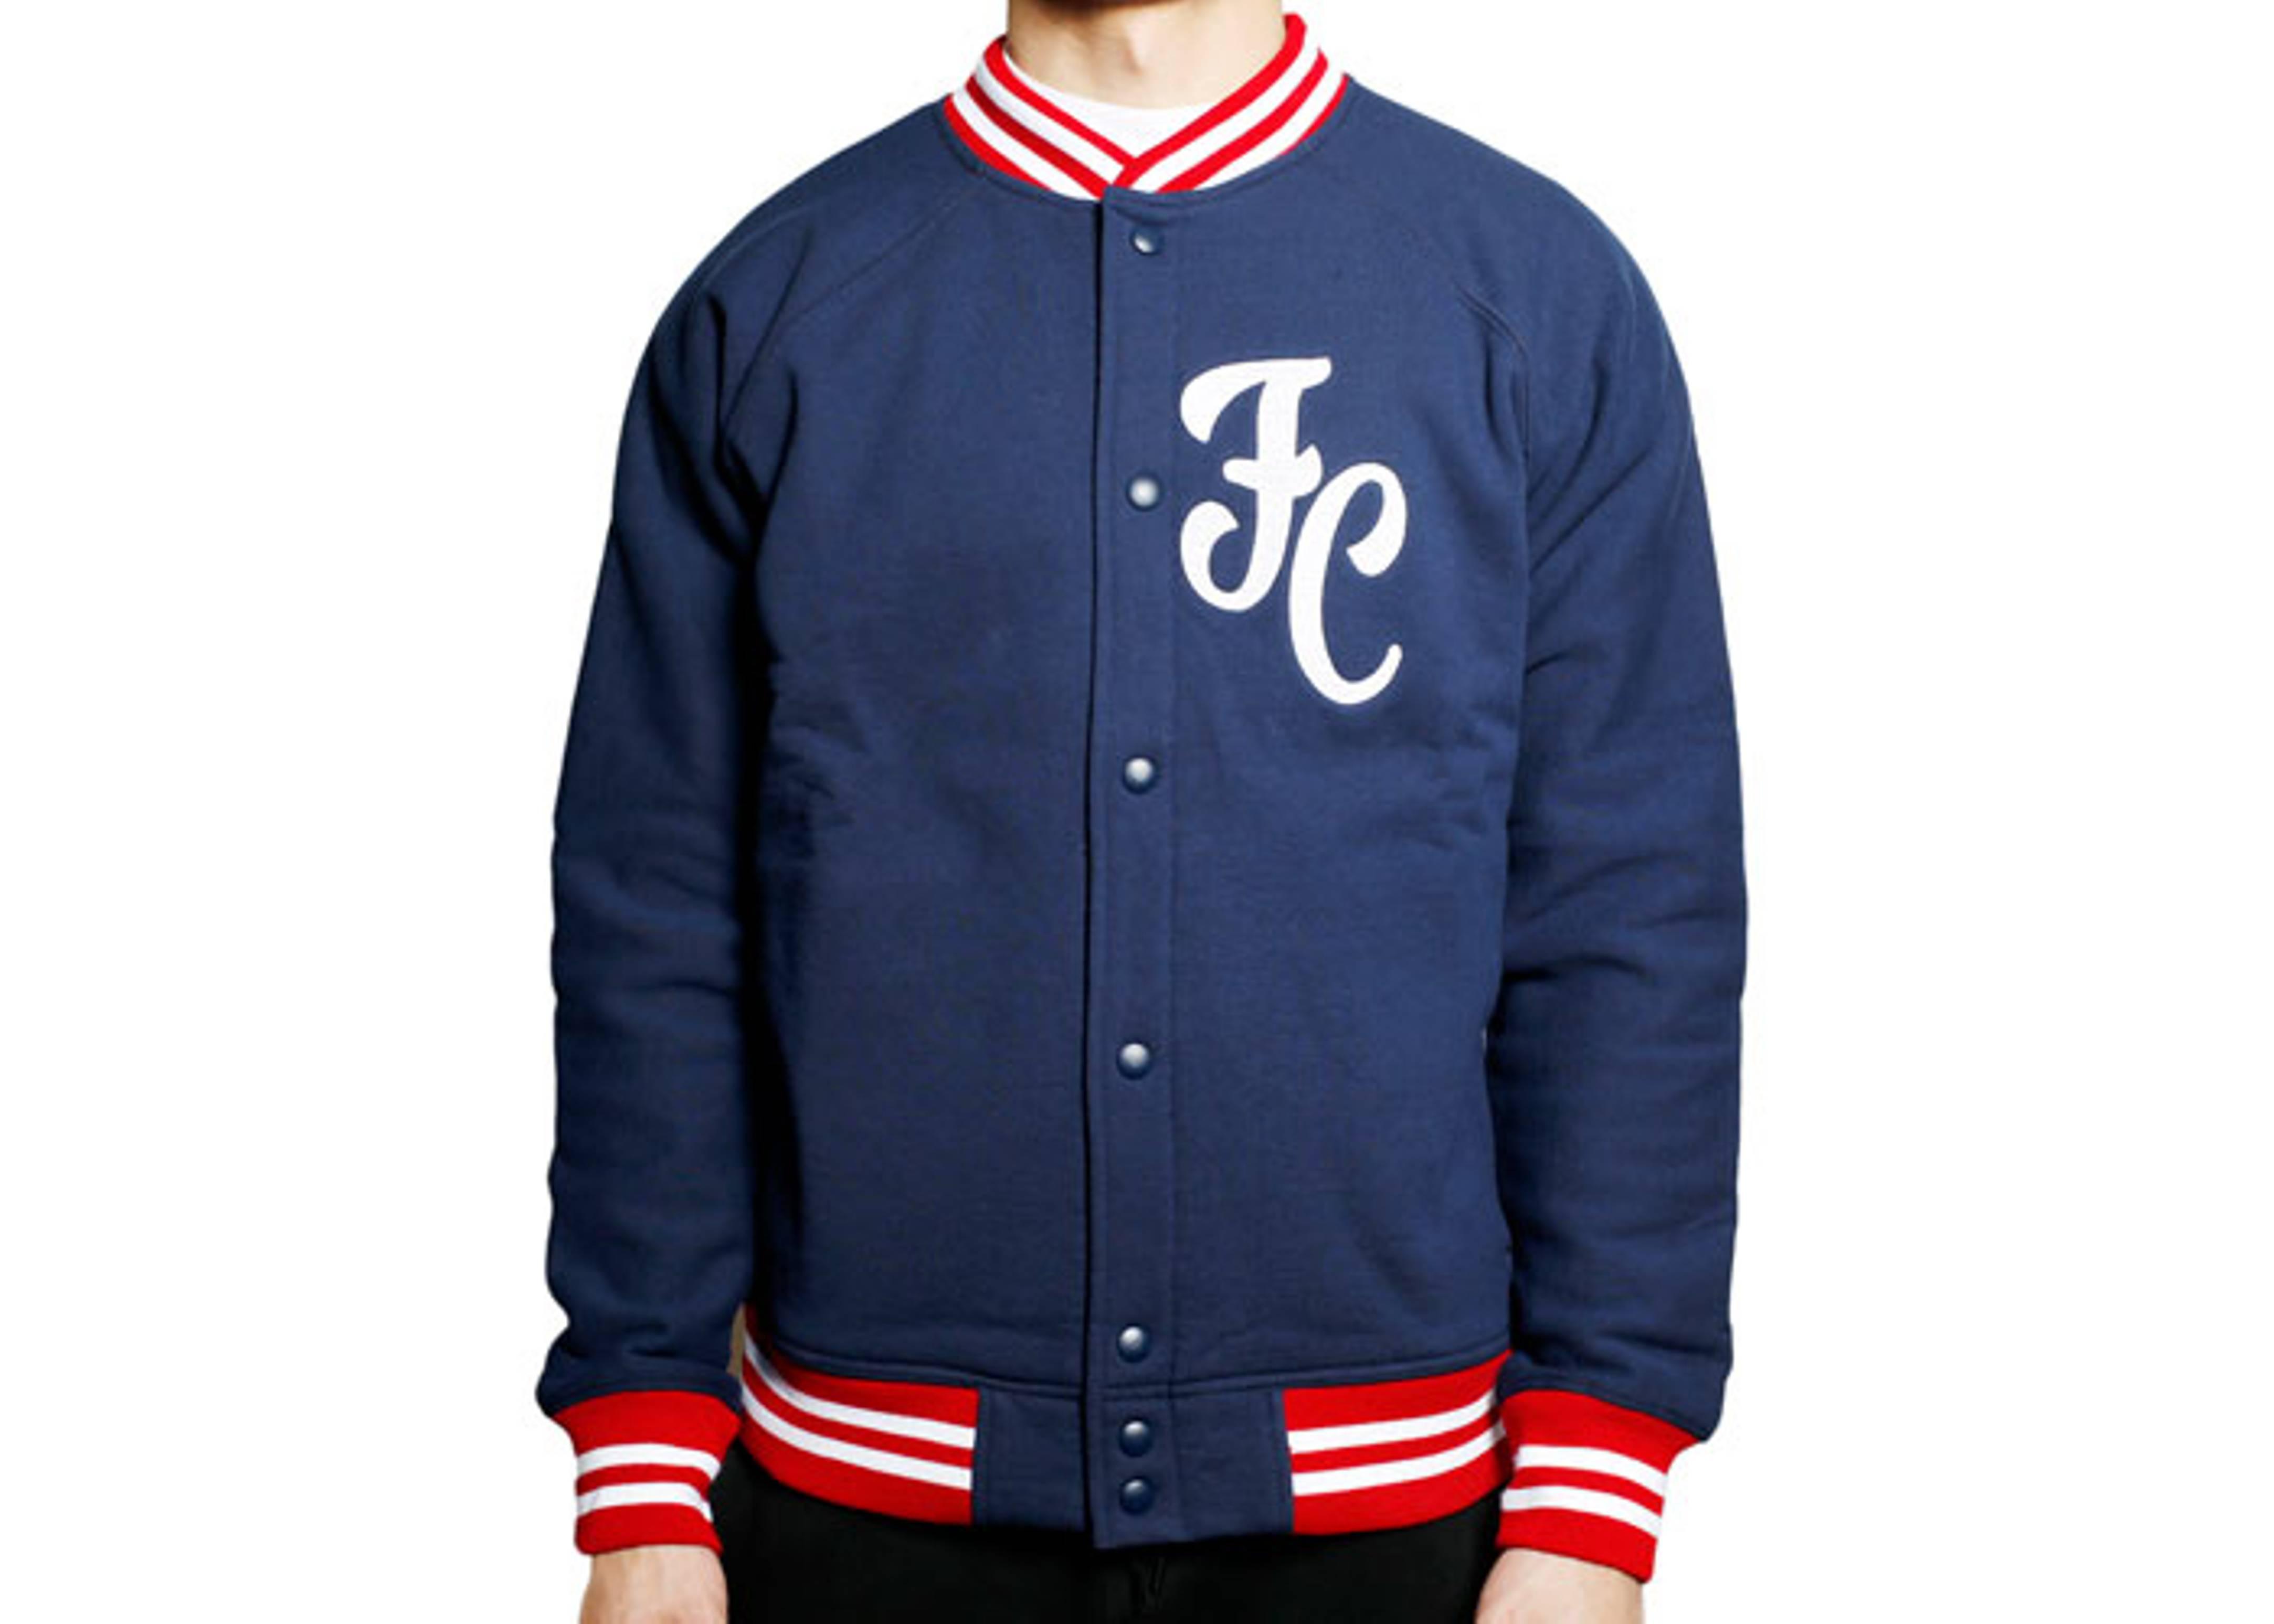 car club jacket